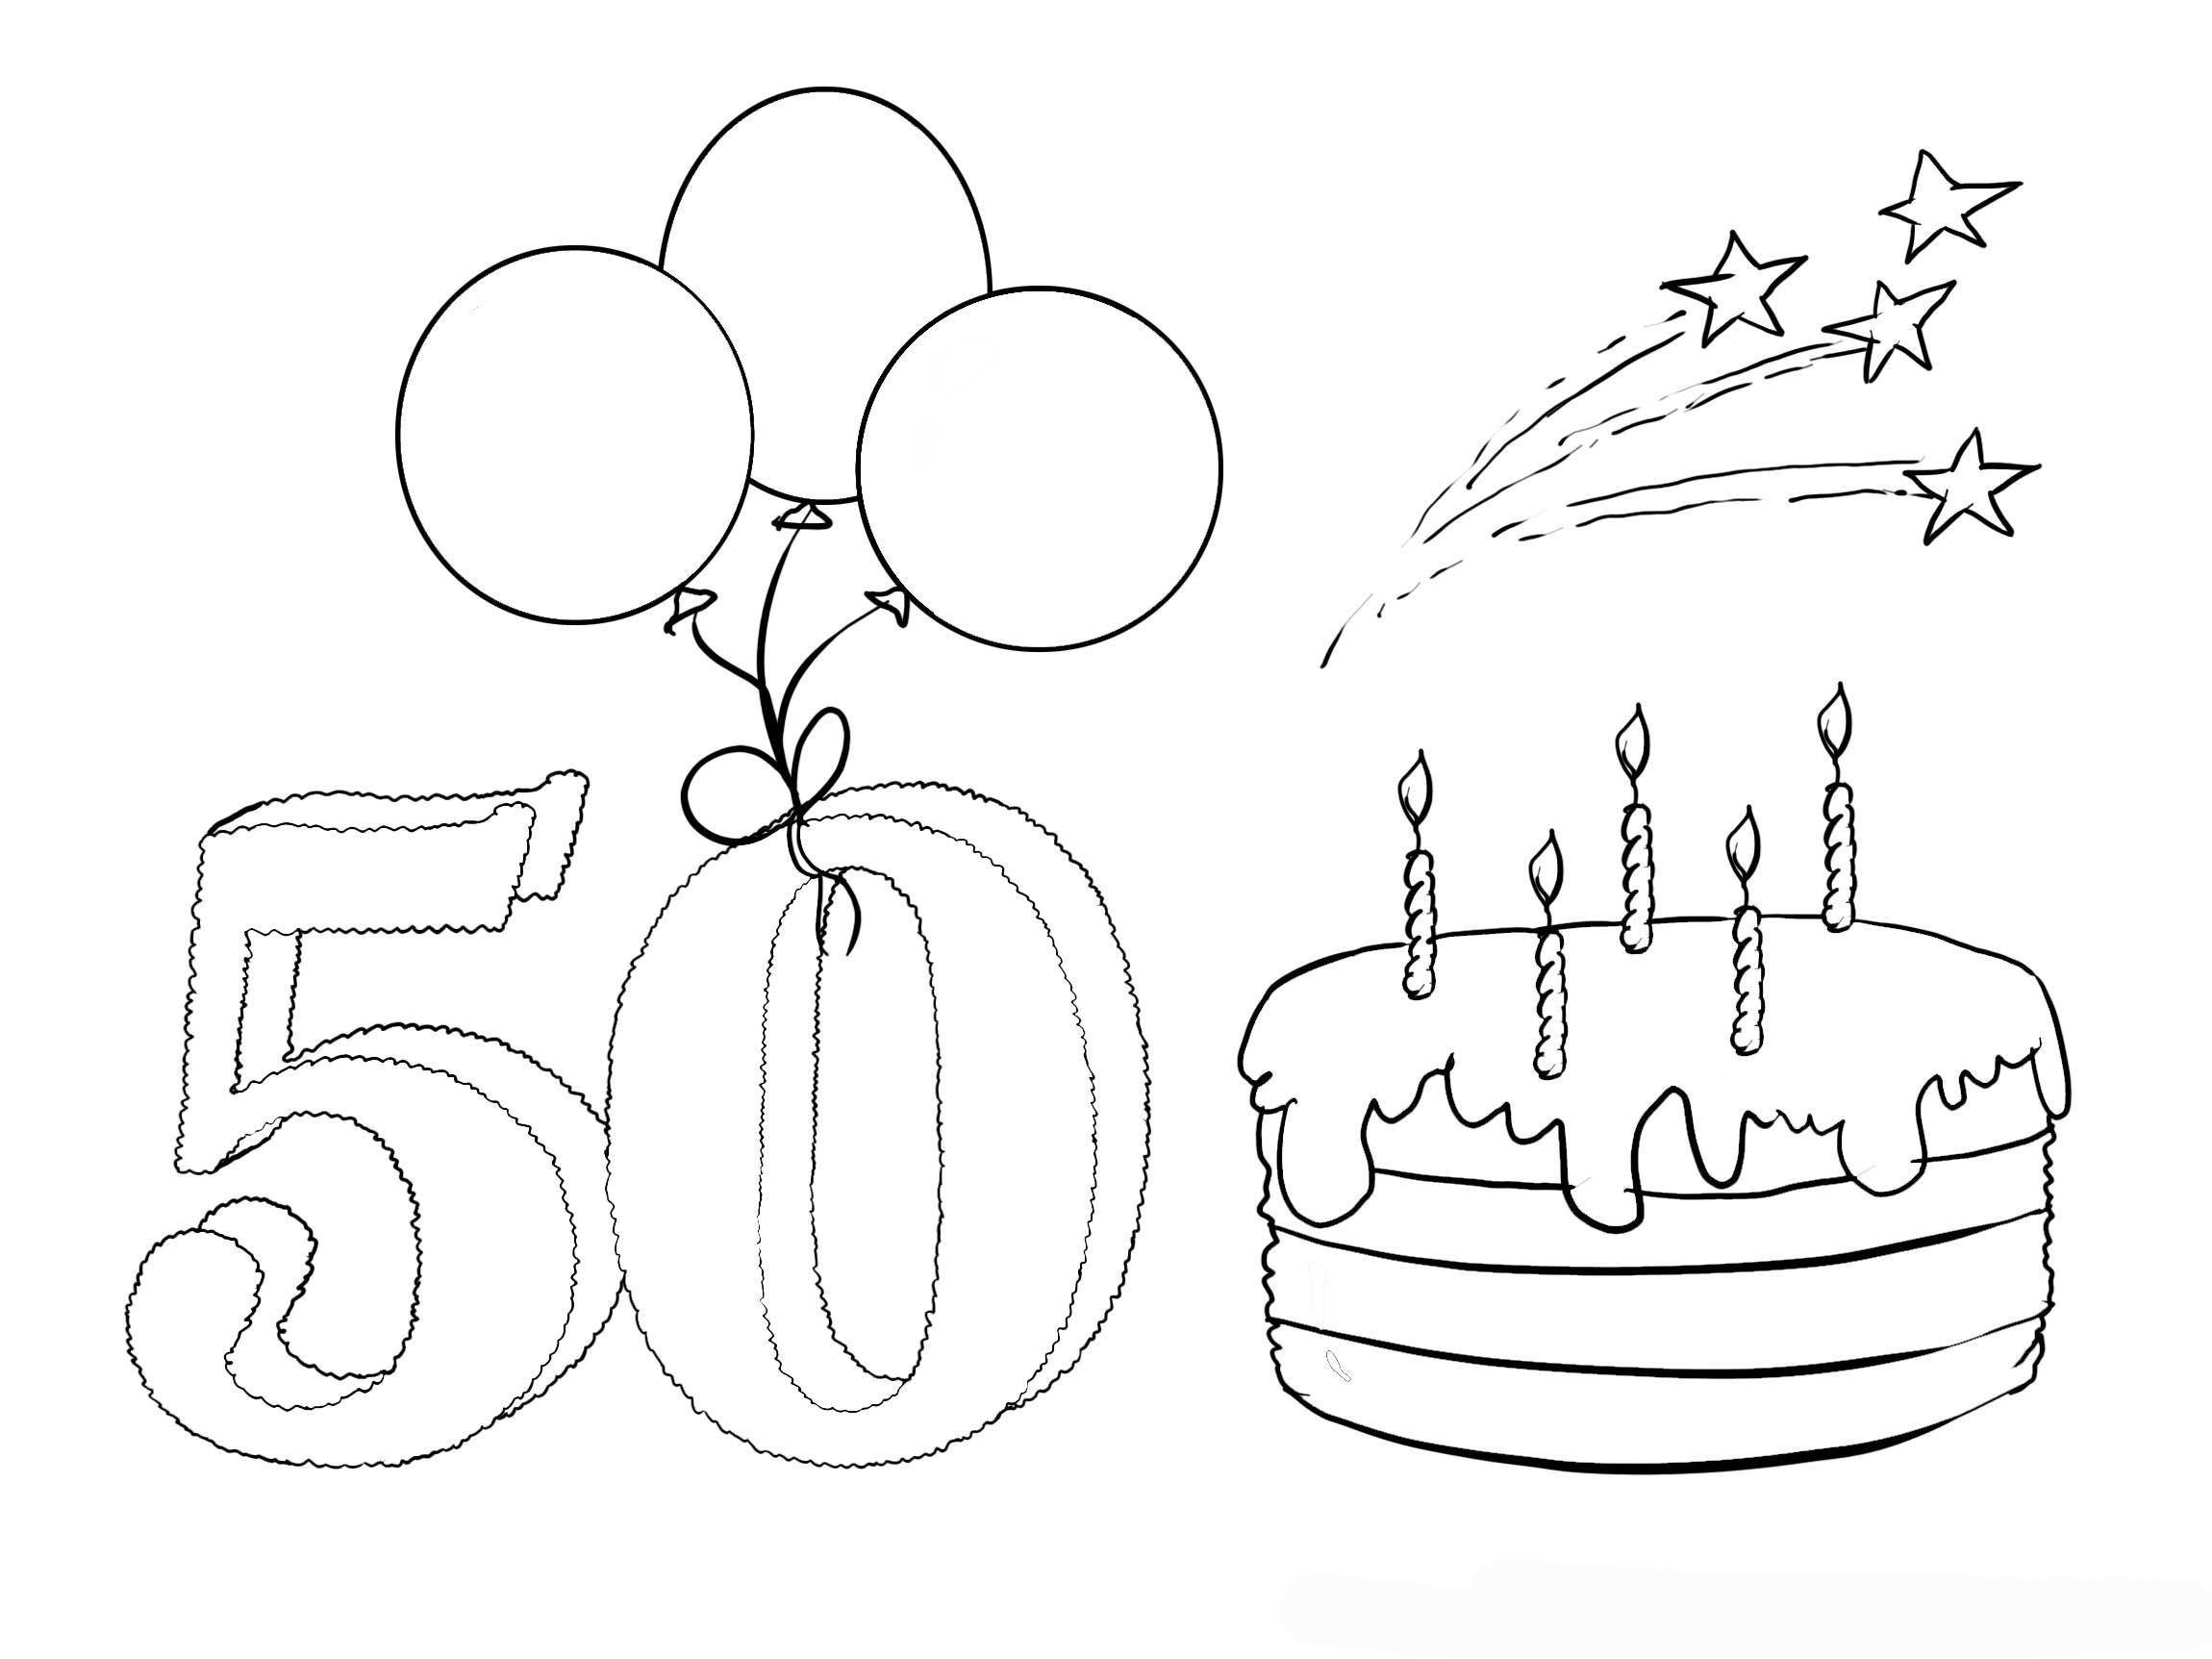 Malvorlagen Geburtstag Einzigartig Ausmalbild Zum 50 Geburtstag Y7du Galerie